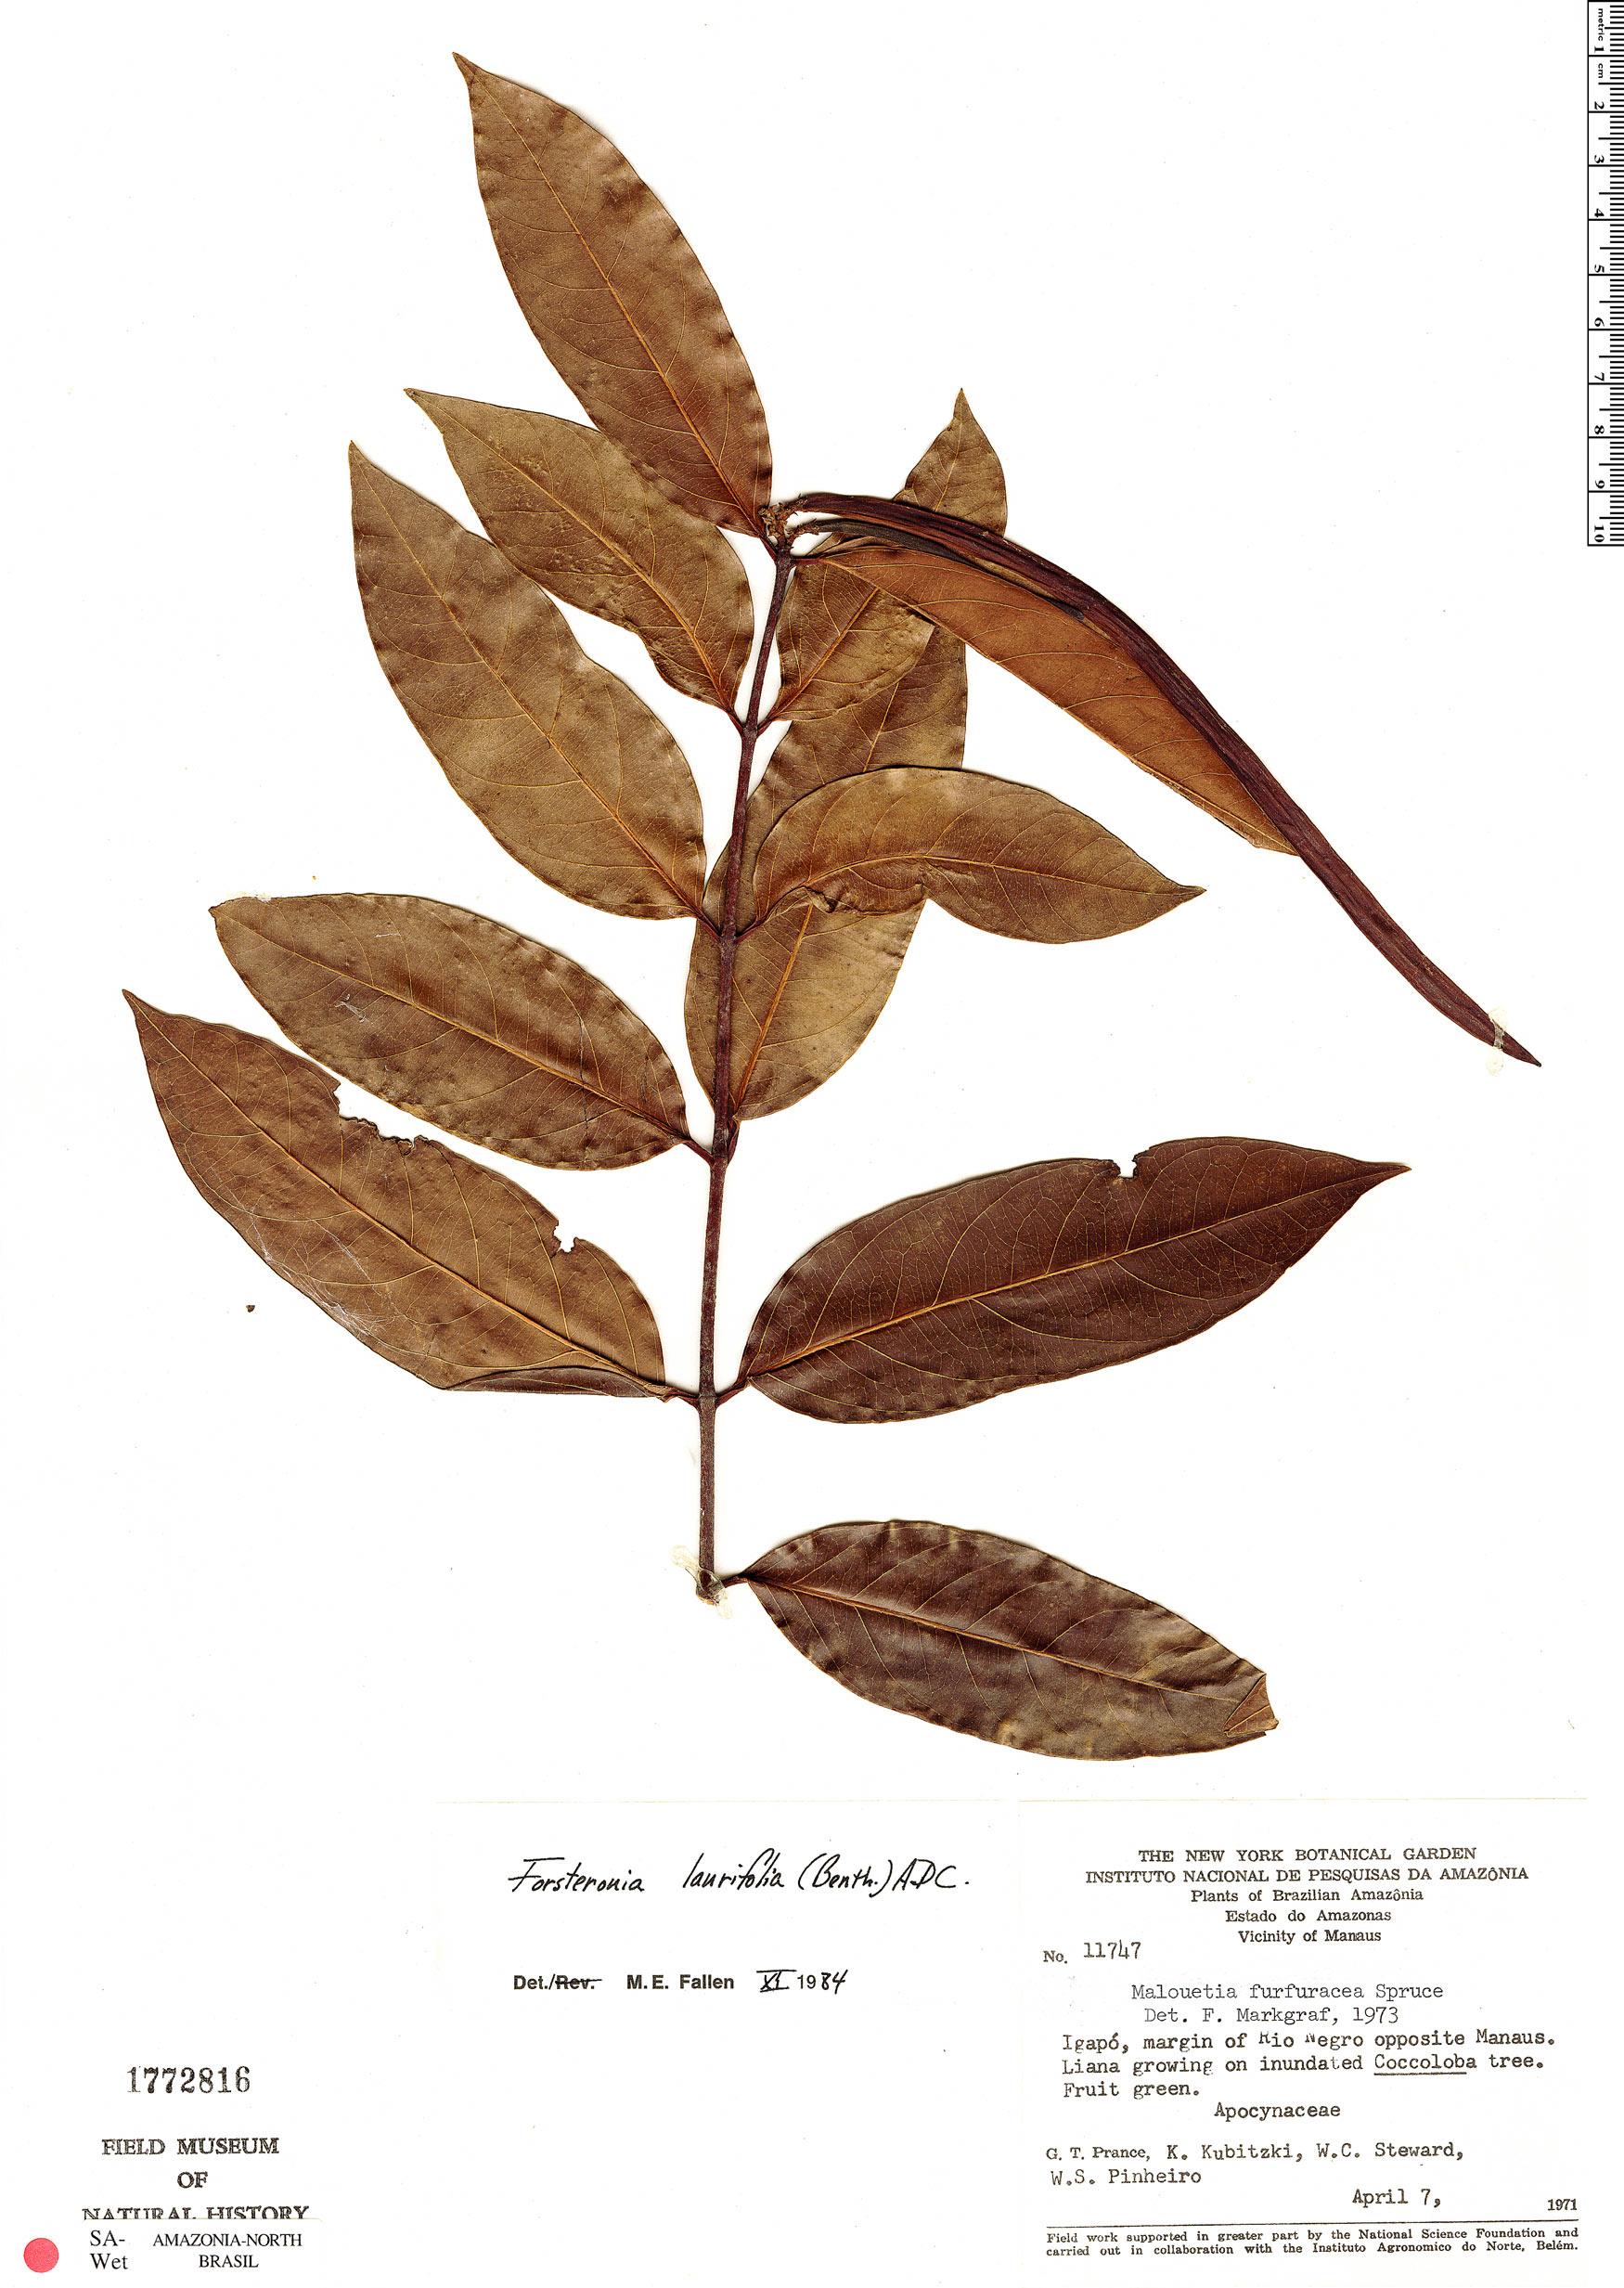 Specimen: Forsteronia laurifolia